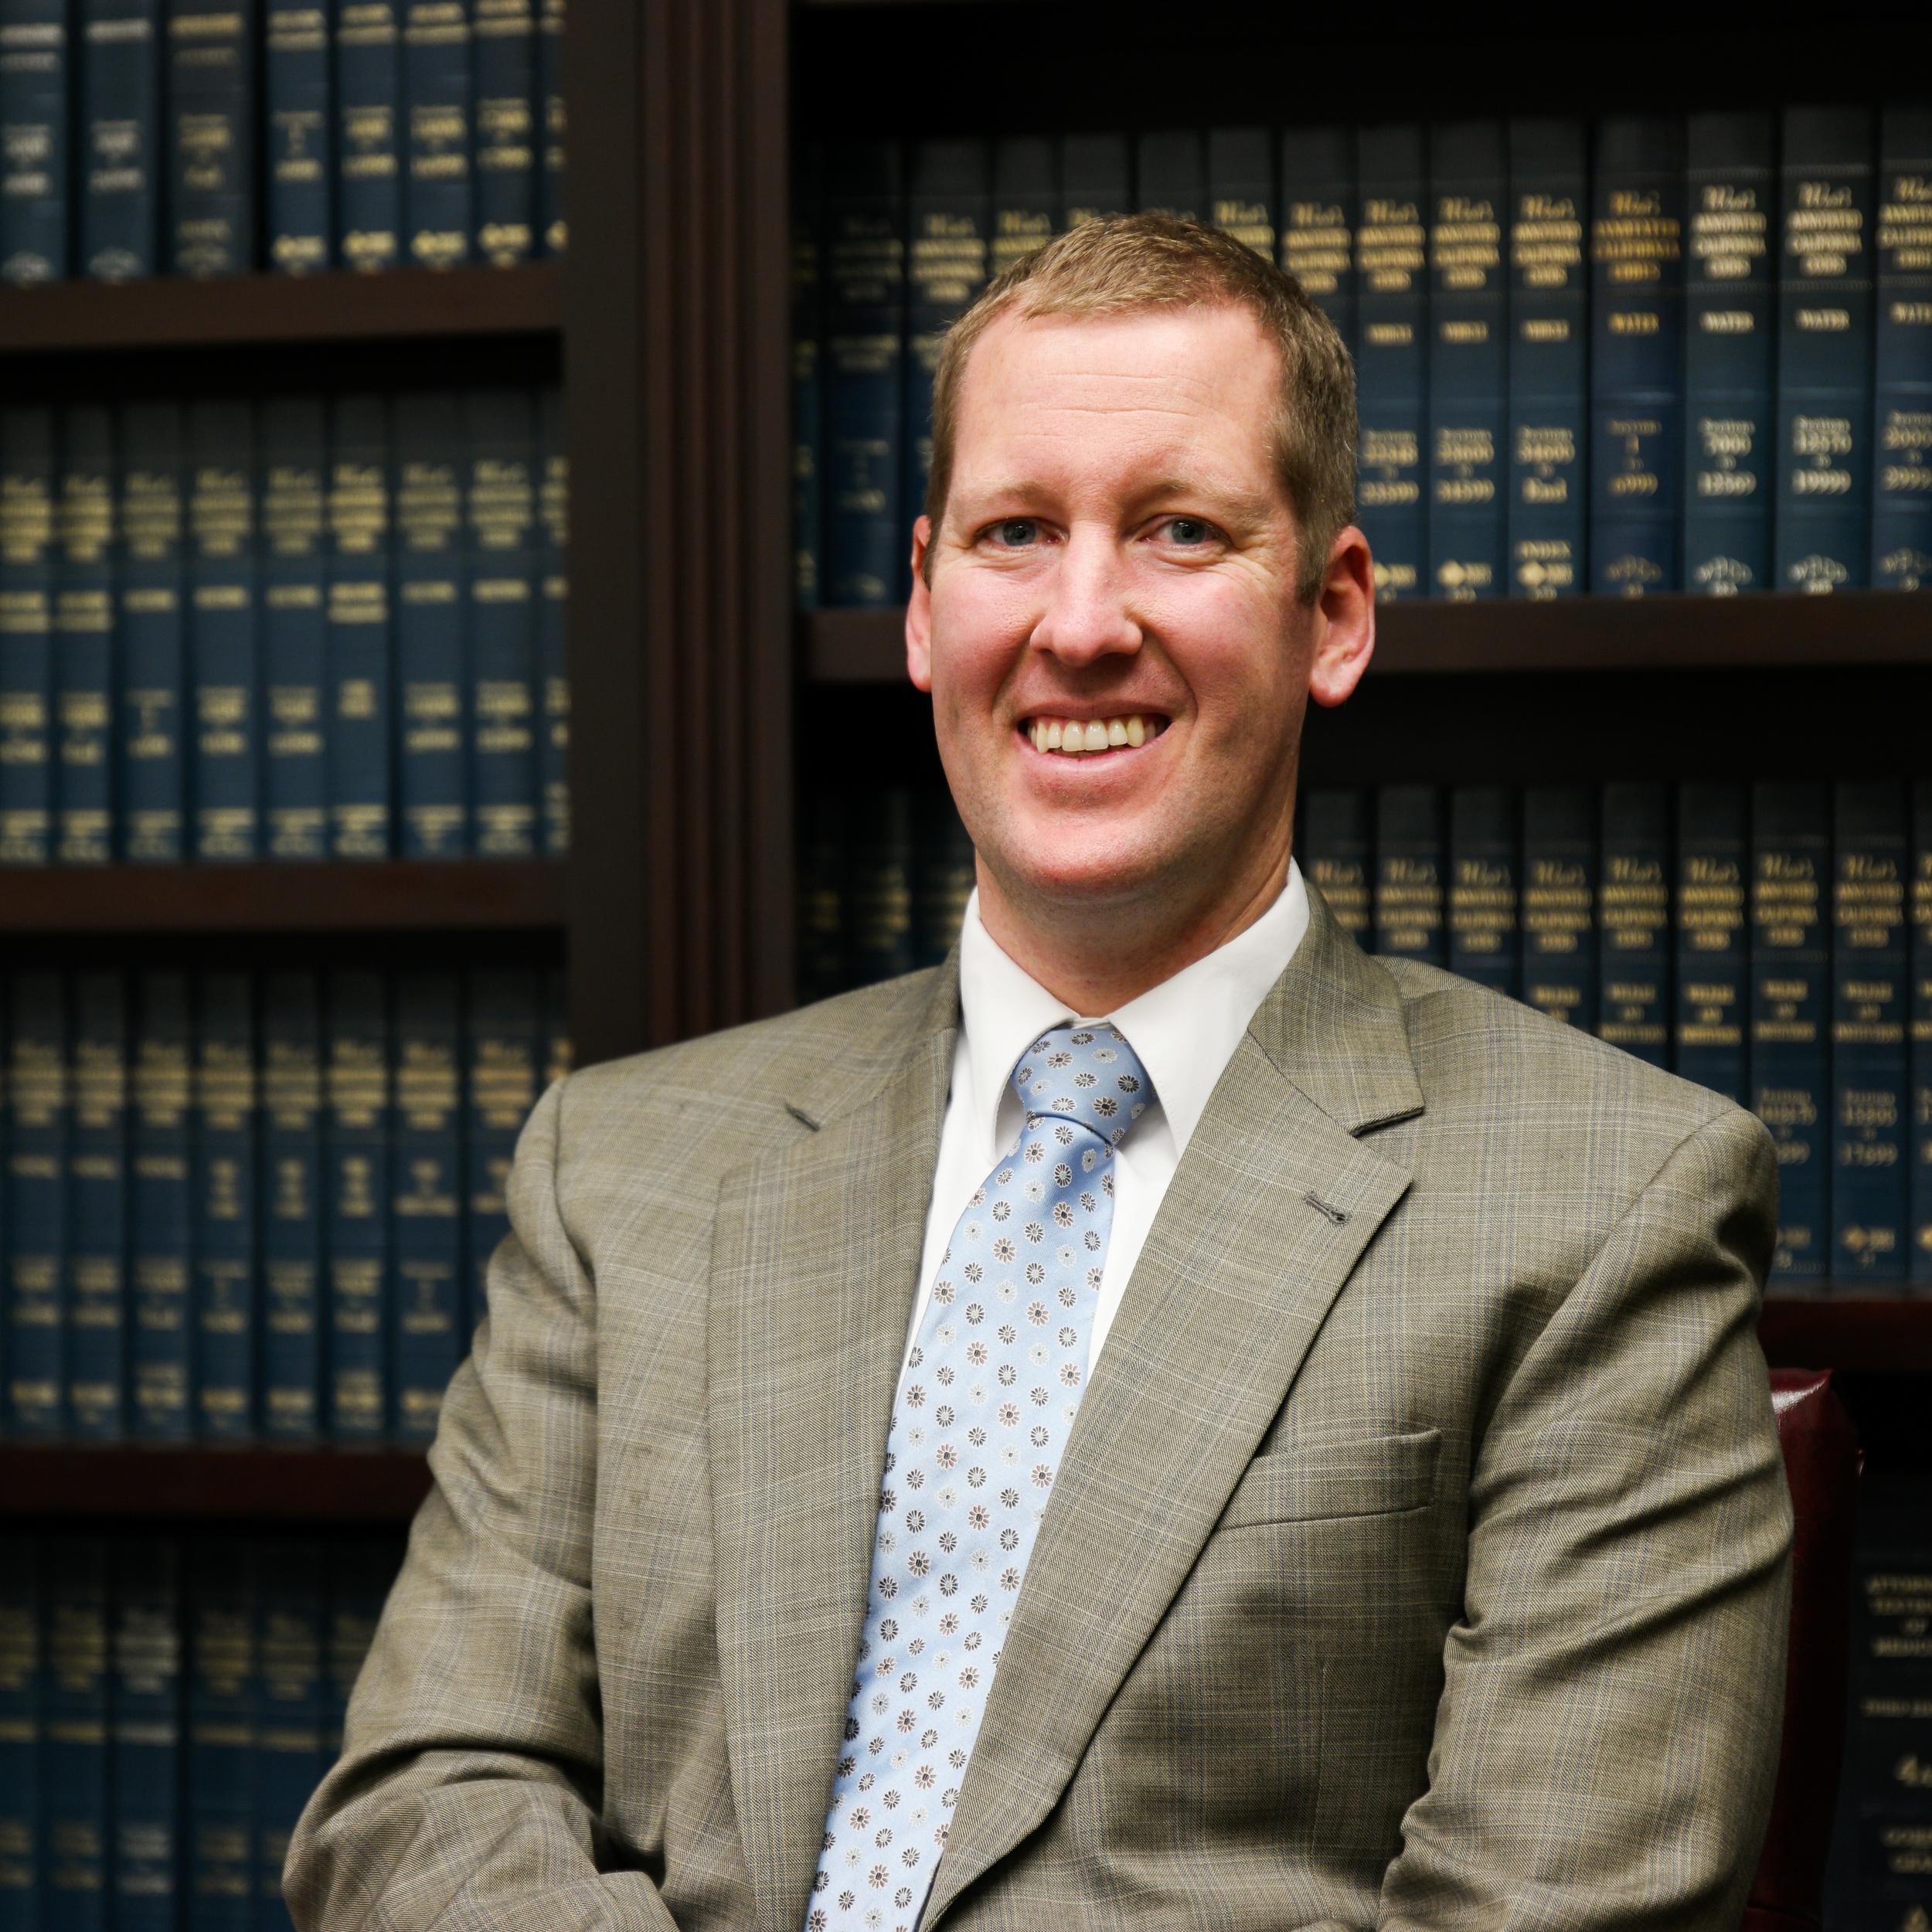 Benjamin D. Rowe